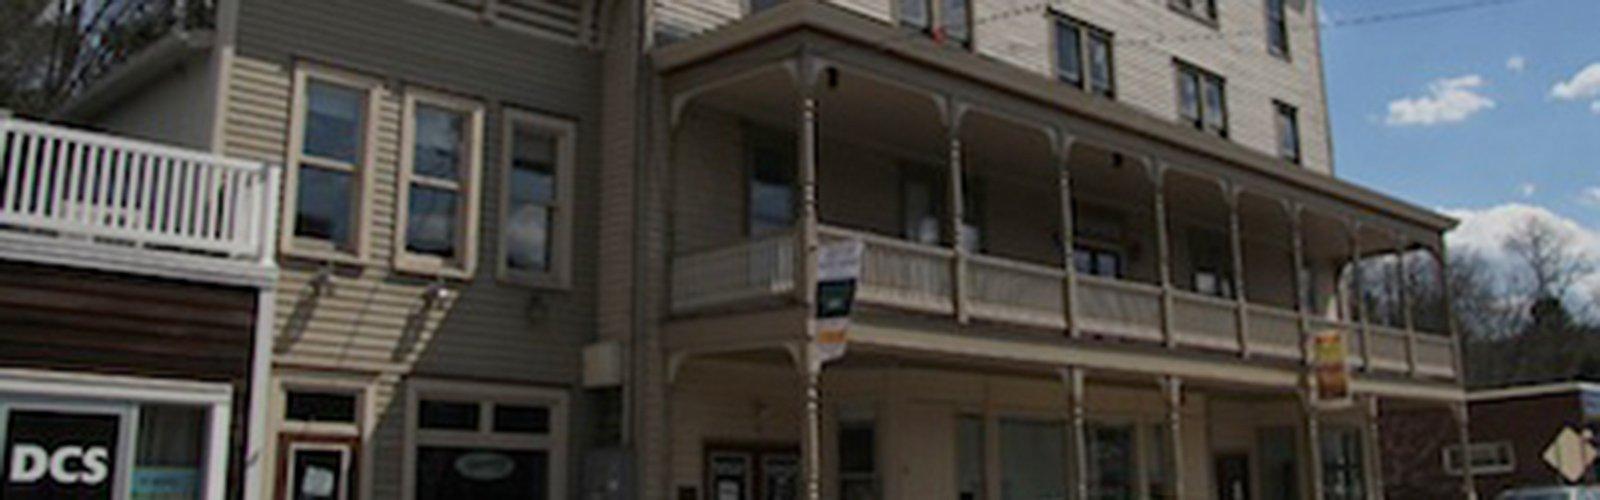 DVAA Offices